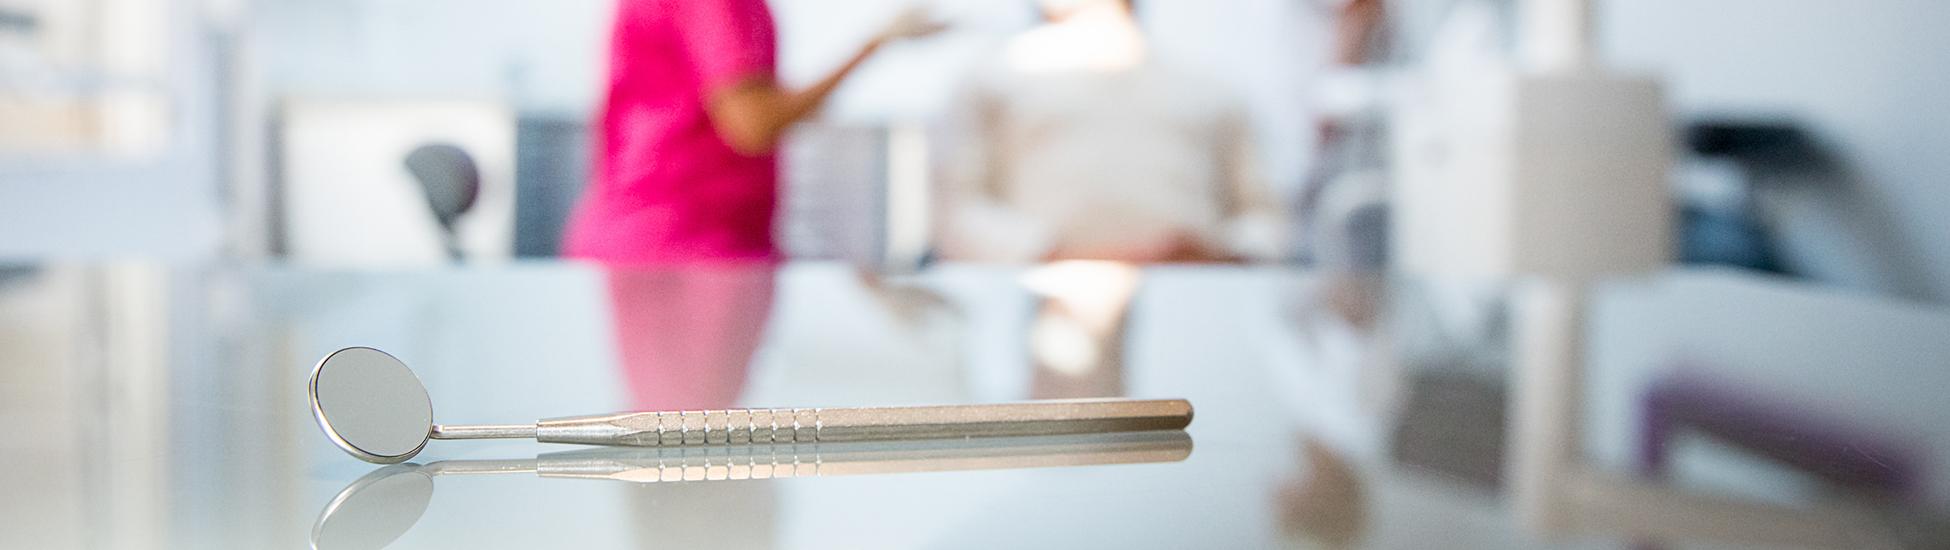 dr virginie h ry esth tique parodontie paris 16 me. Black Bedroom Furniture Sets. Home Design Ideas